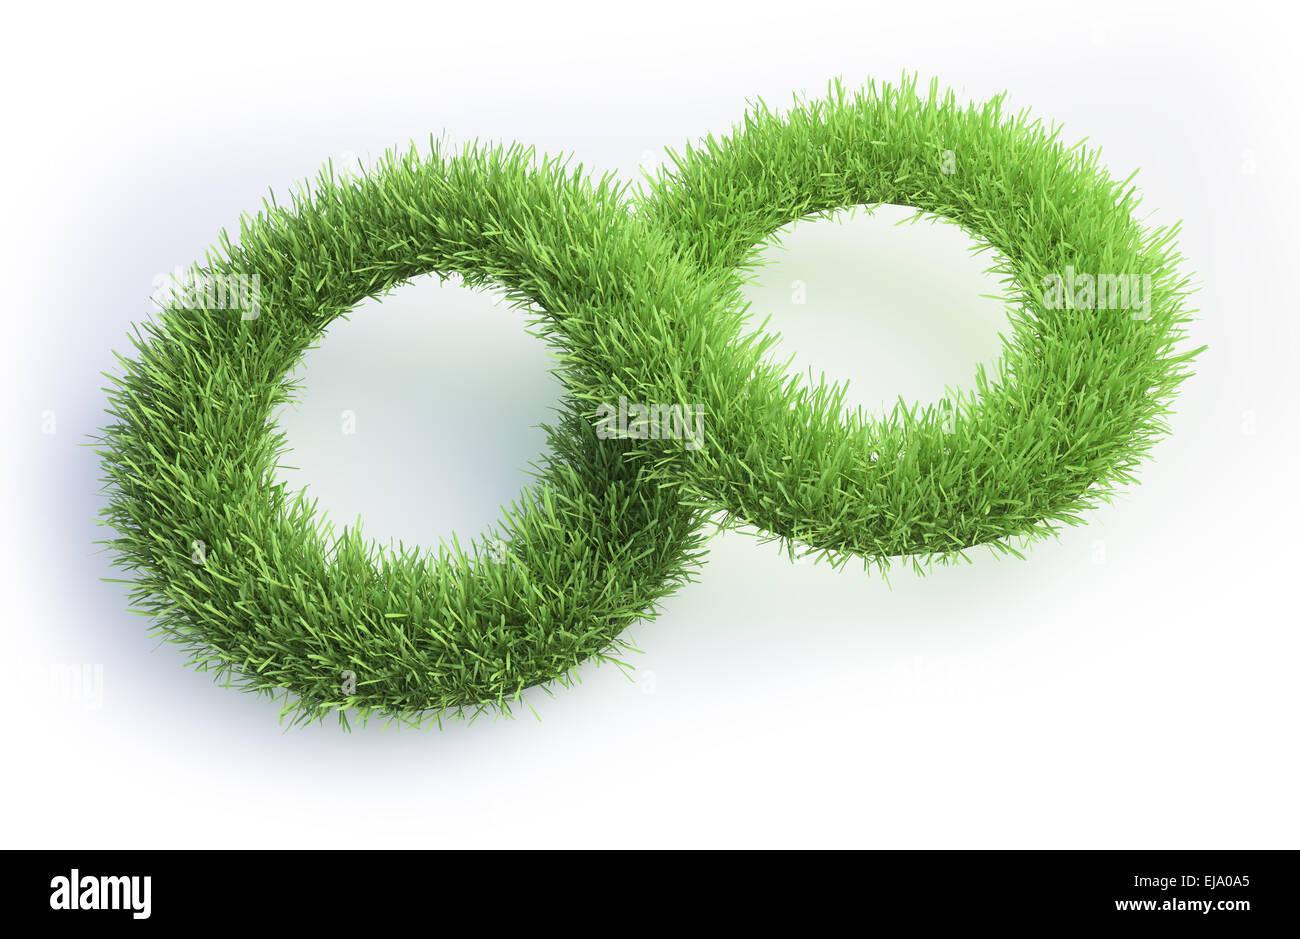 Grass Patch geformt wie ein Unendlichkeitssymbol. Stockbild